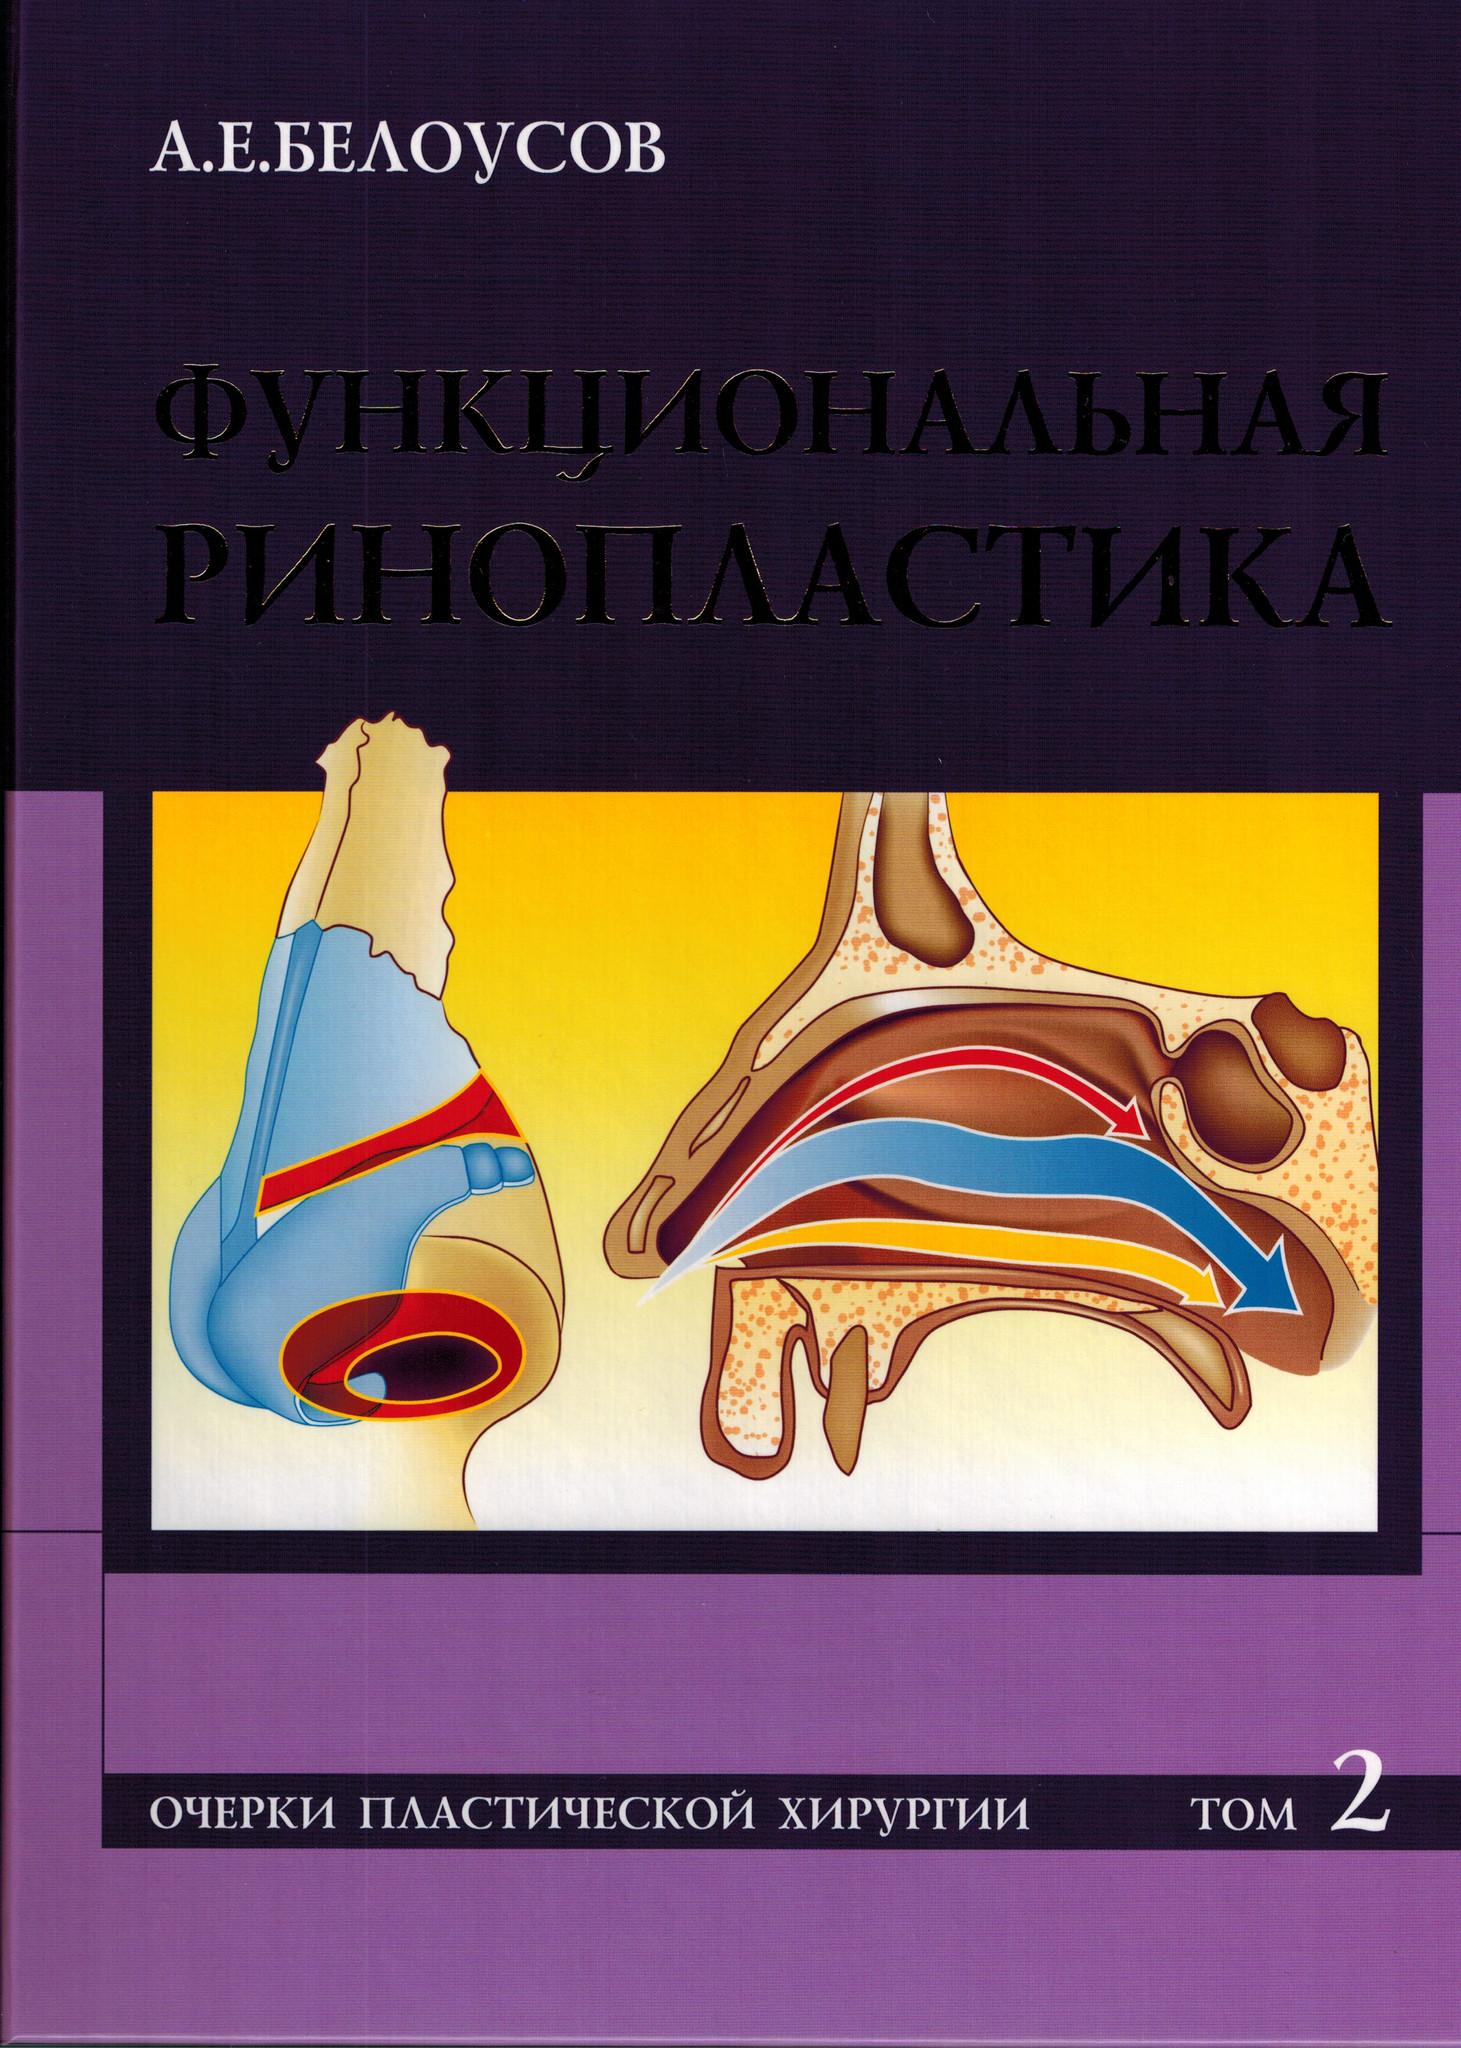 Ринология Функциональная ринопластика fr.jpg